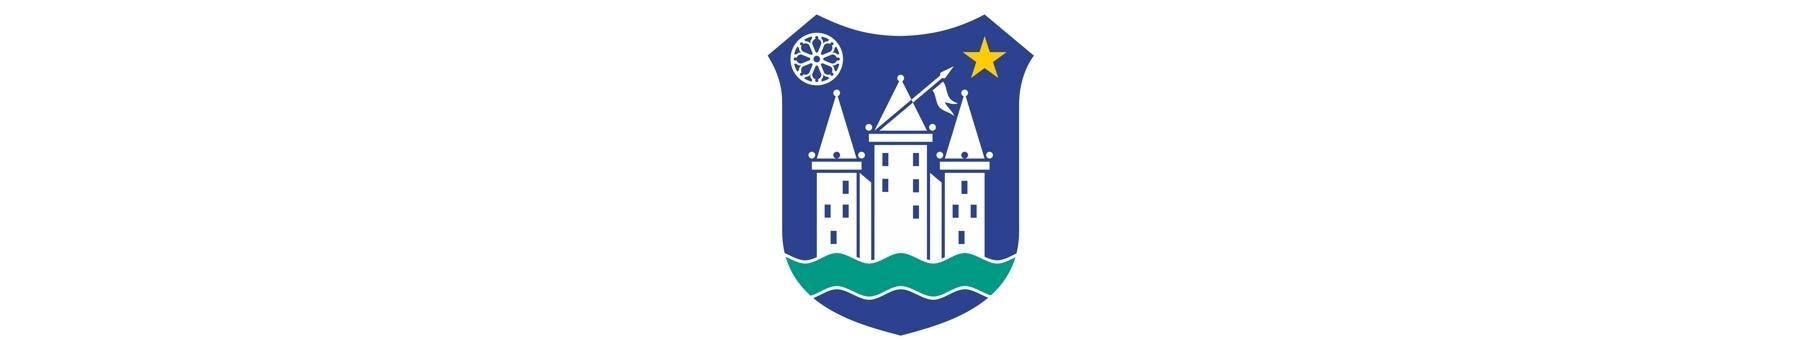 BFC- Spisak i cijena svih komunalnih usluga koje pruža Grad Bihać